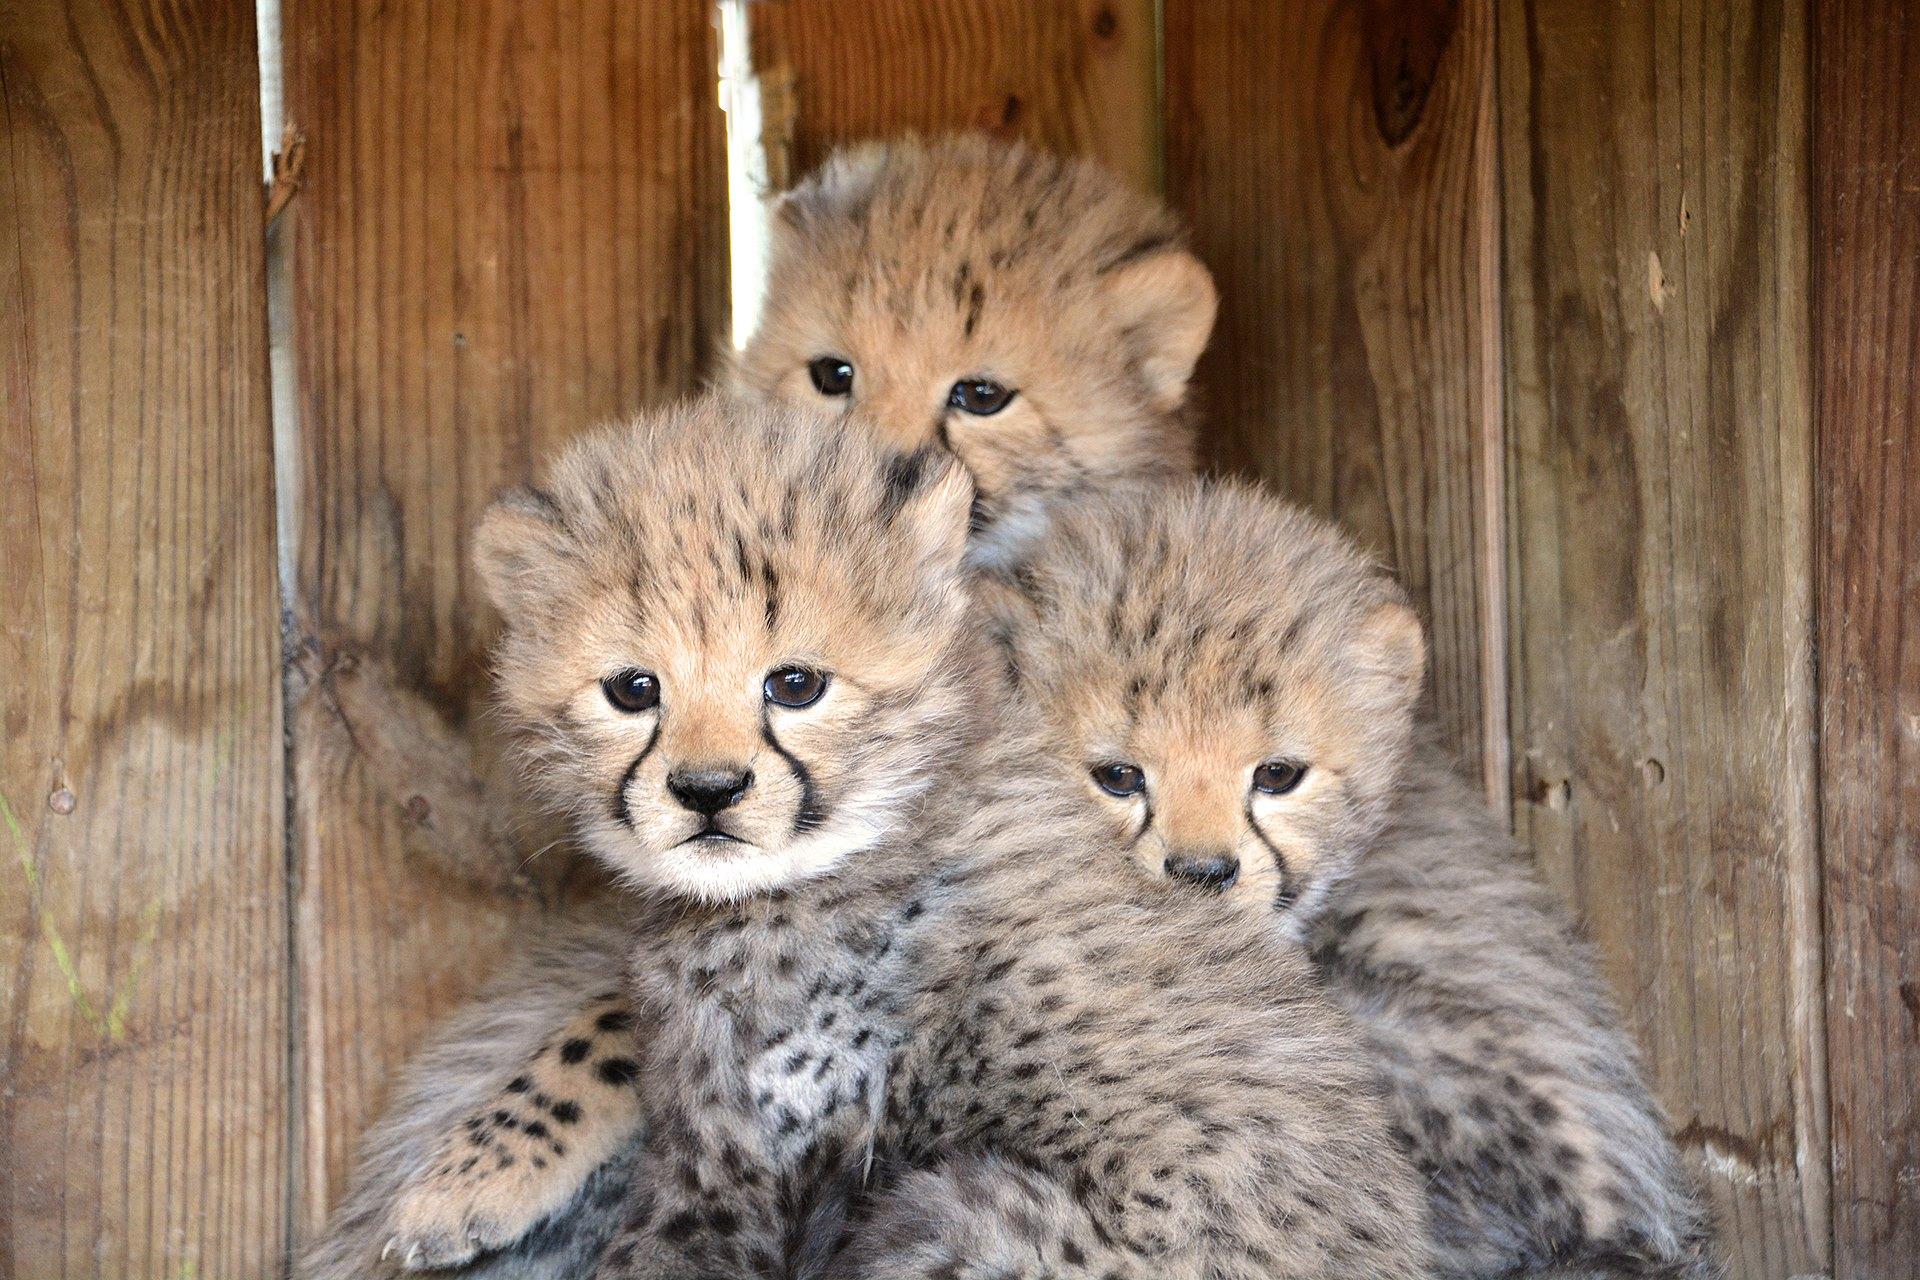 沒想到凶猛獵豹叫聲卻是跟小貓咪一樣可愛~